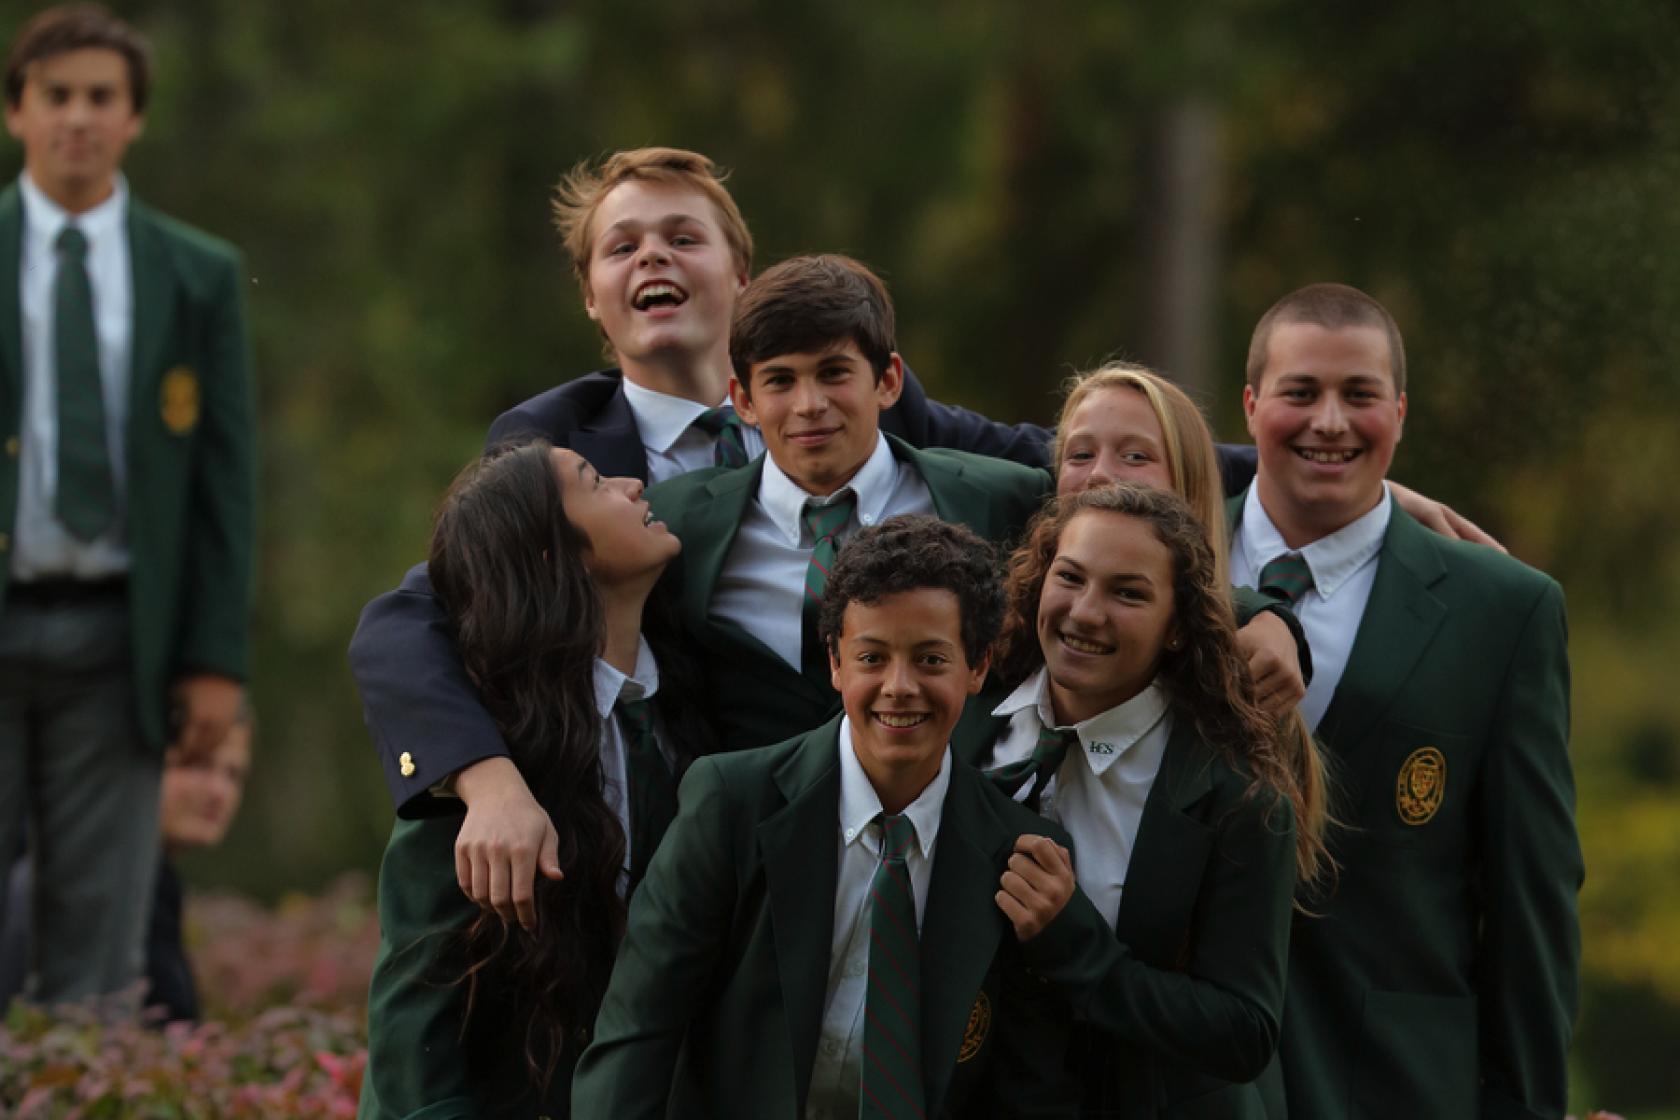 Kanada'da Kolej Eğitimi Almak İsteyen Öğrenciler için ELTiS Rehberi